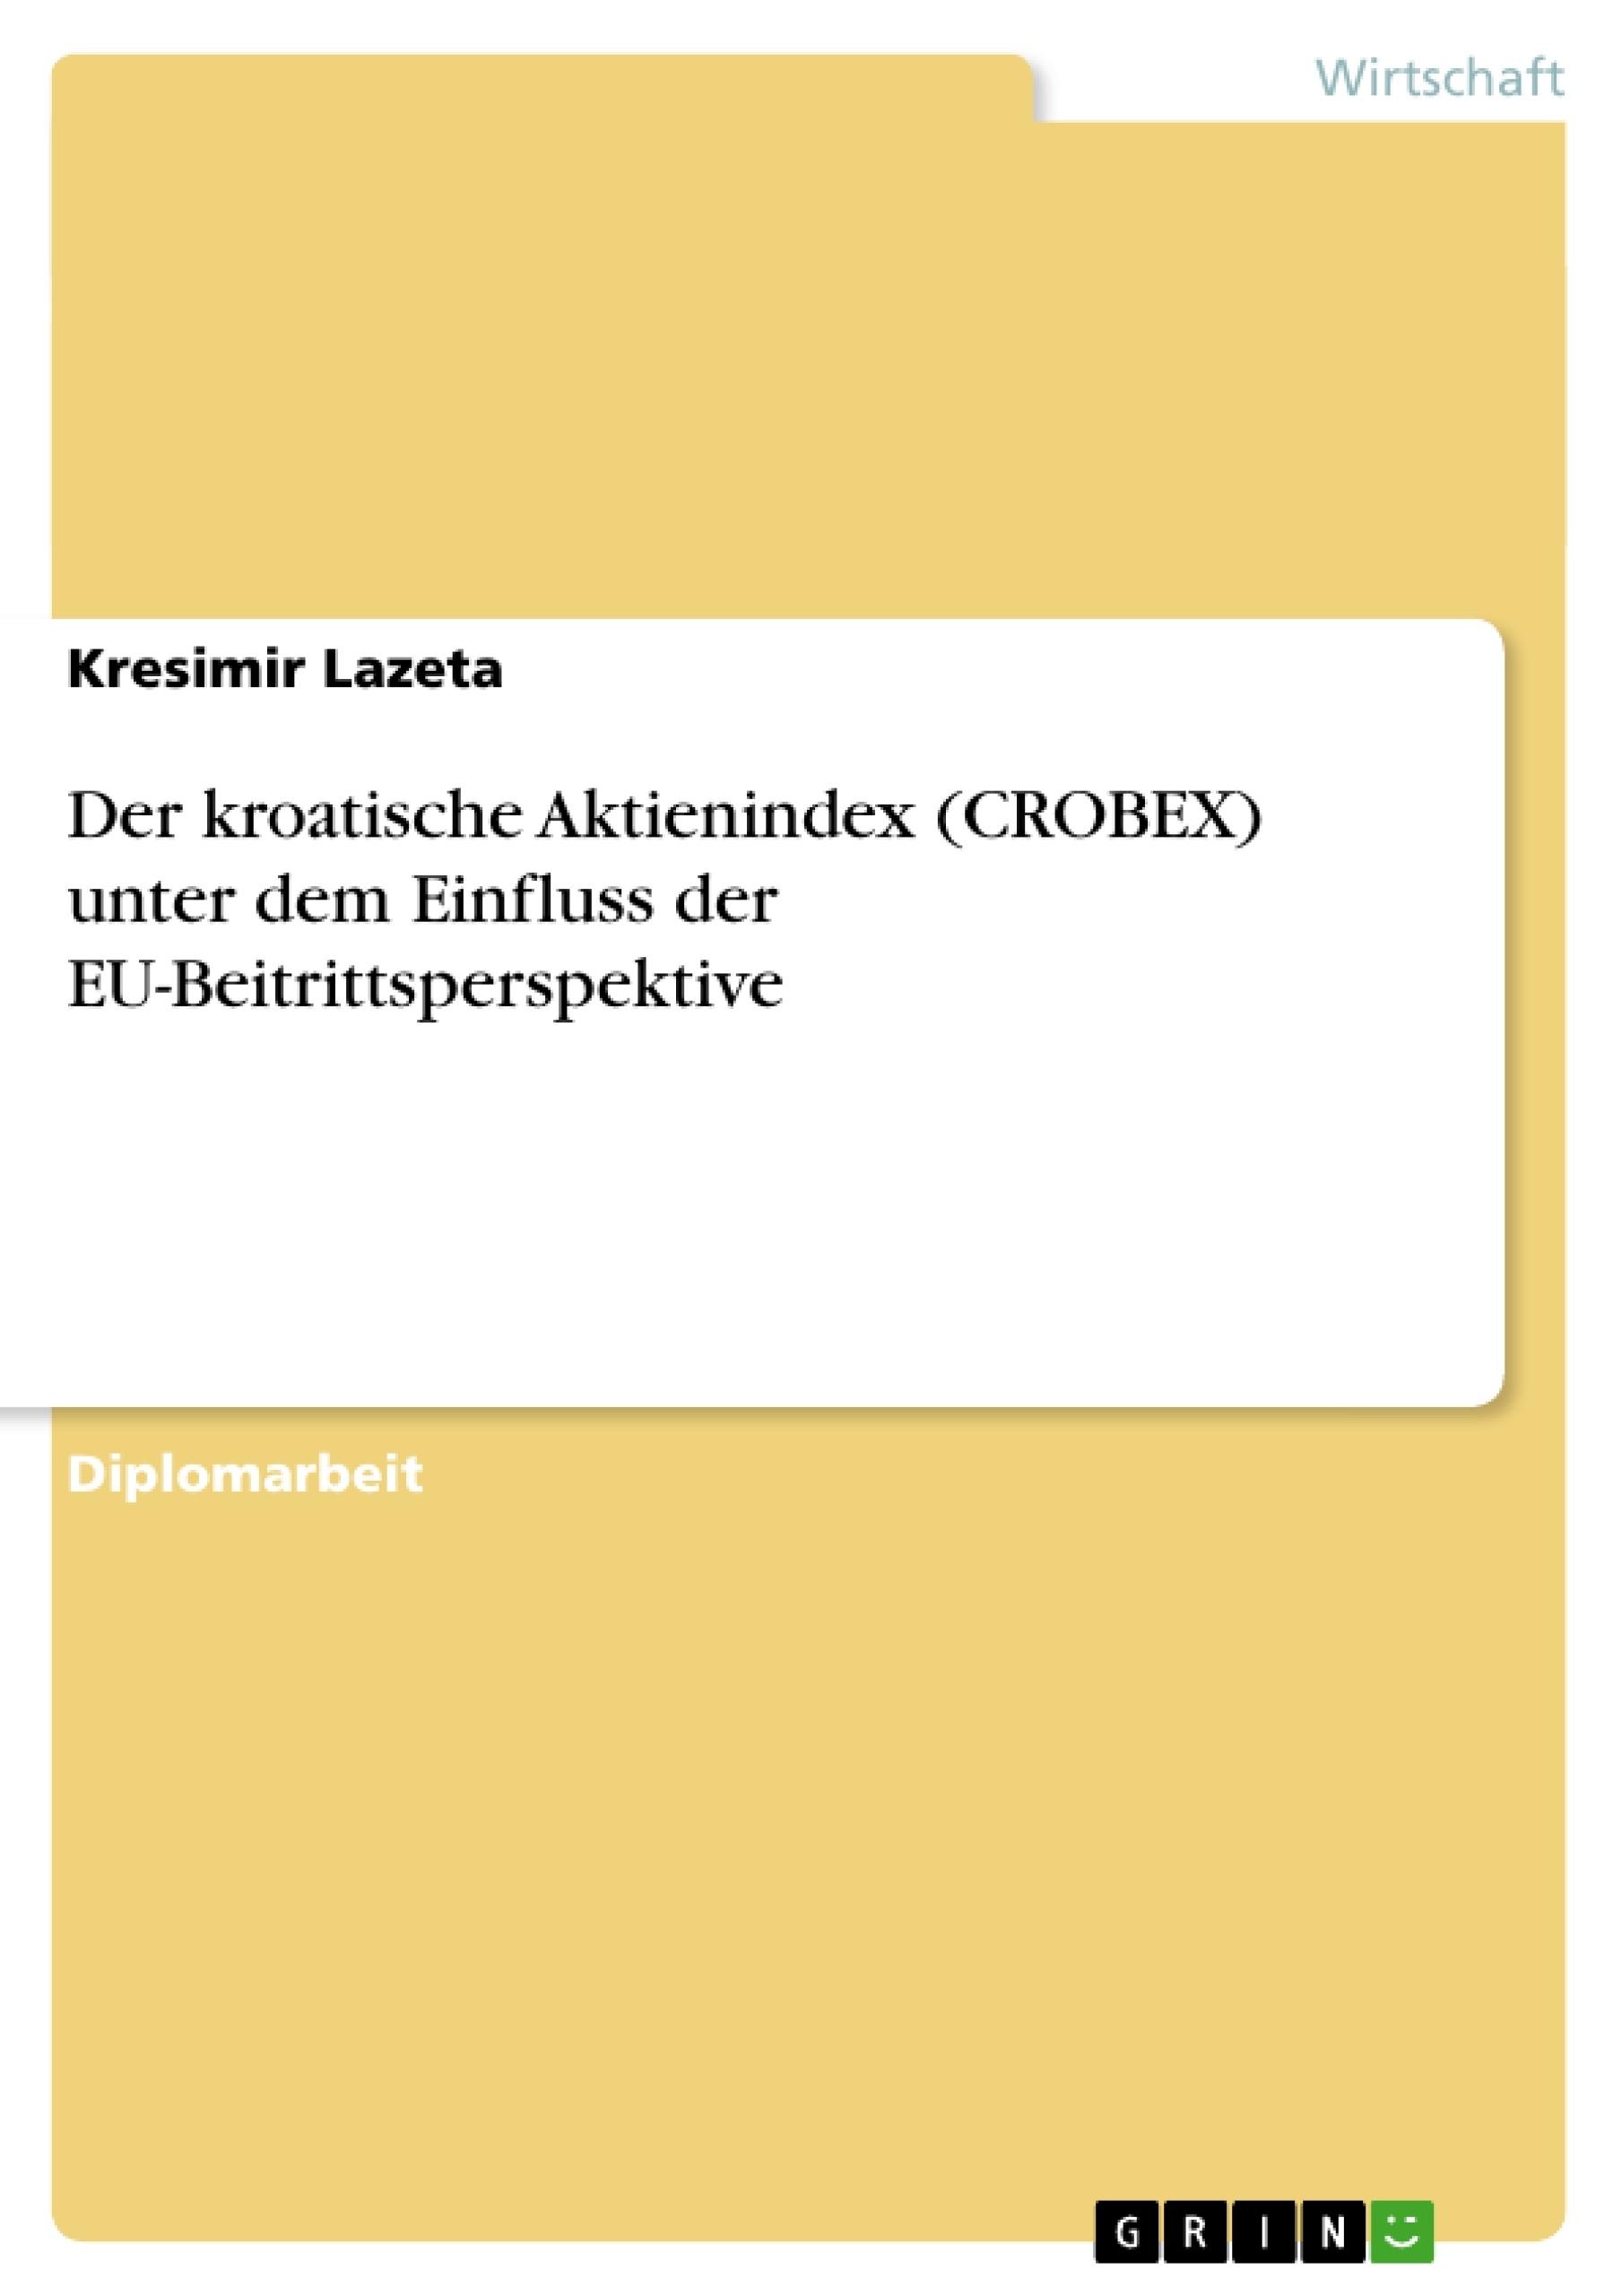 Titel: Der kroatische Aktienindex (CROBEX) unter dem Einfluss der EU-Beitrittsperspektive